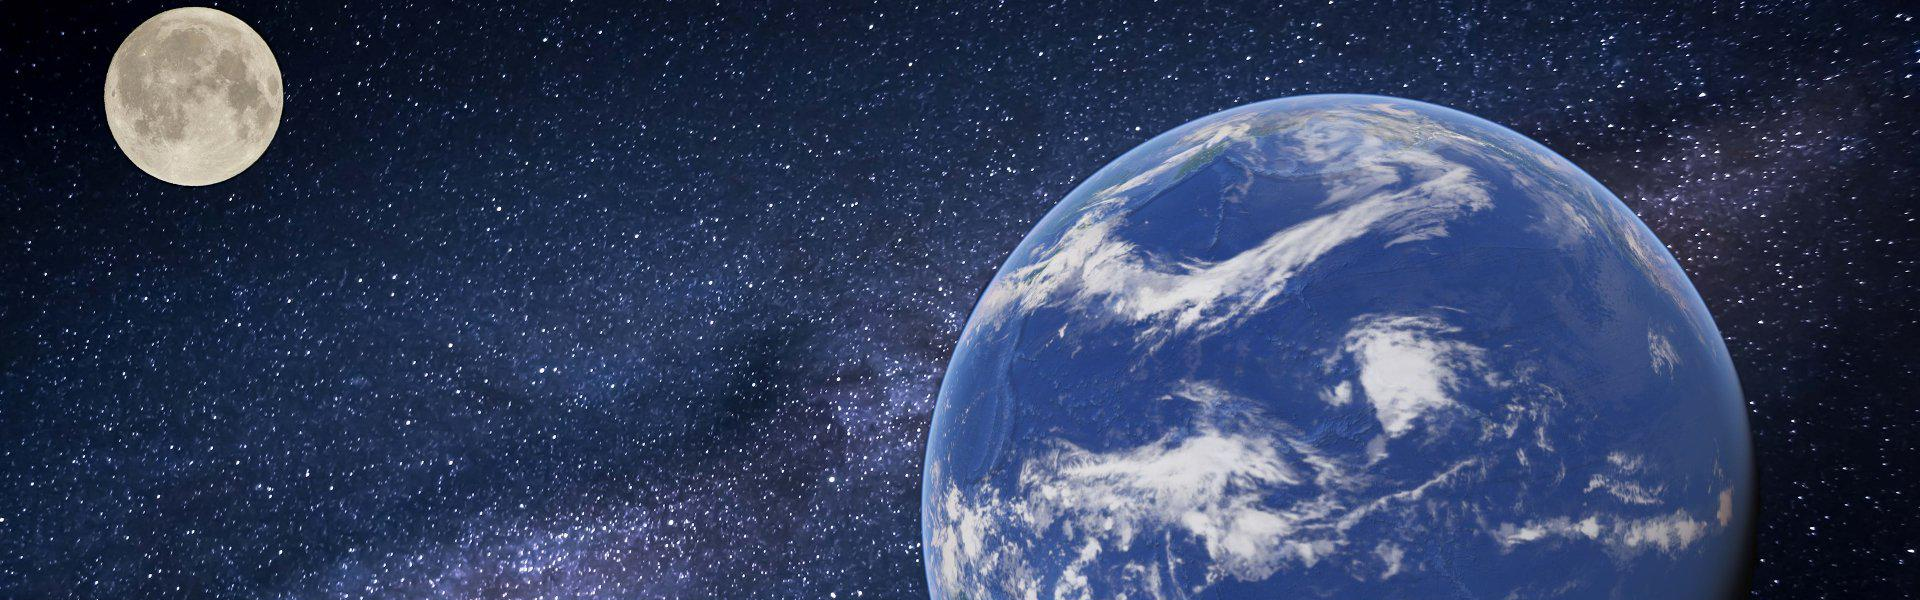 Giornata della Terra - Earth day